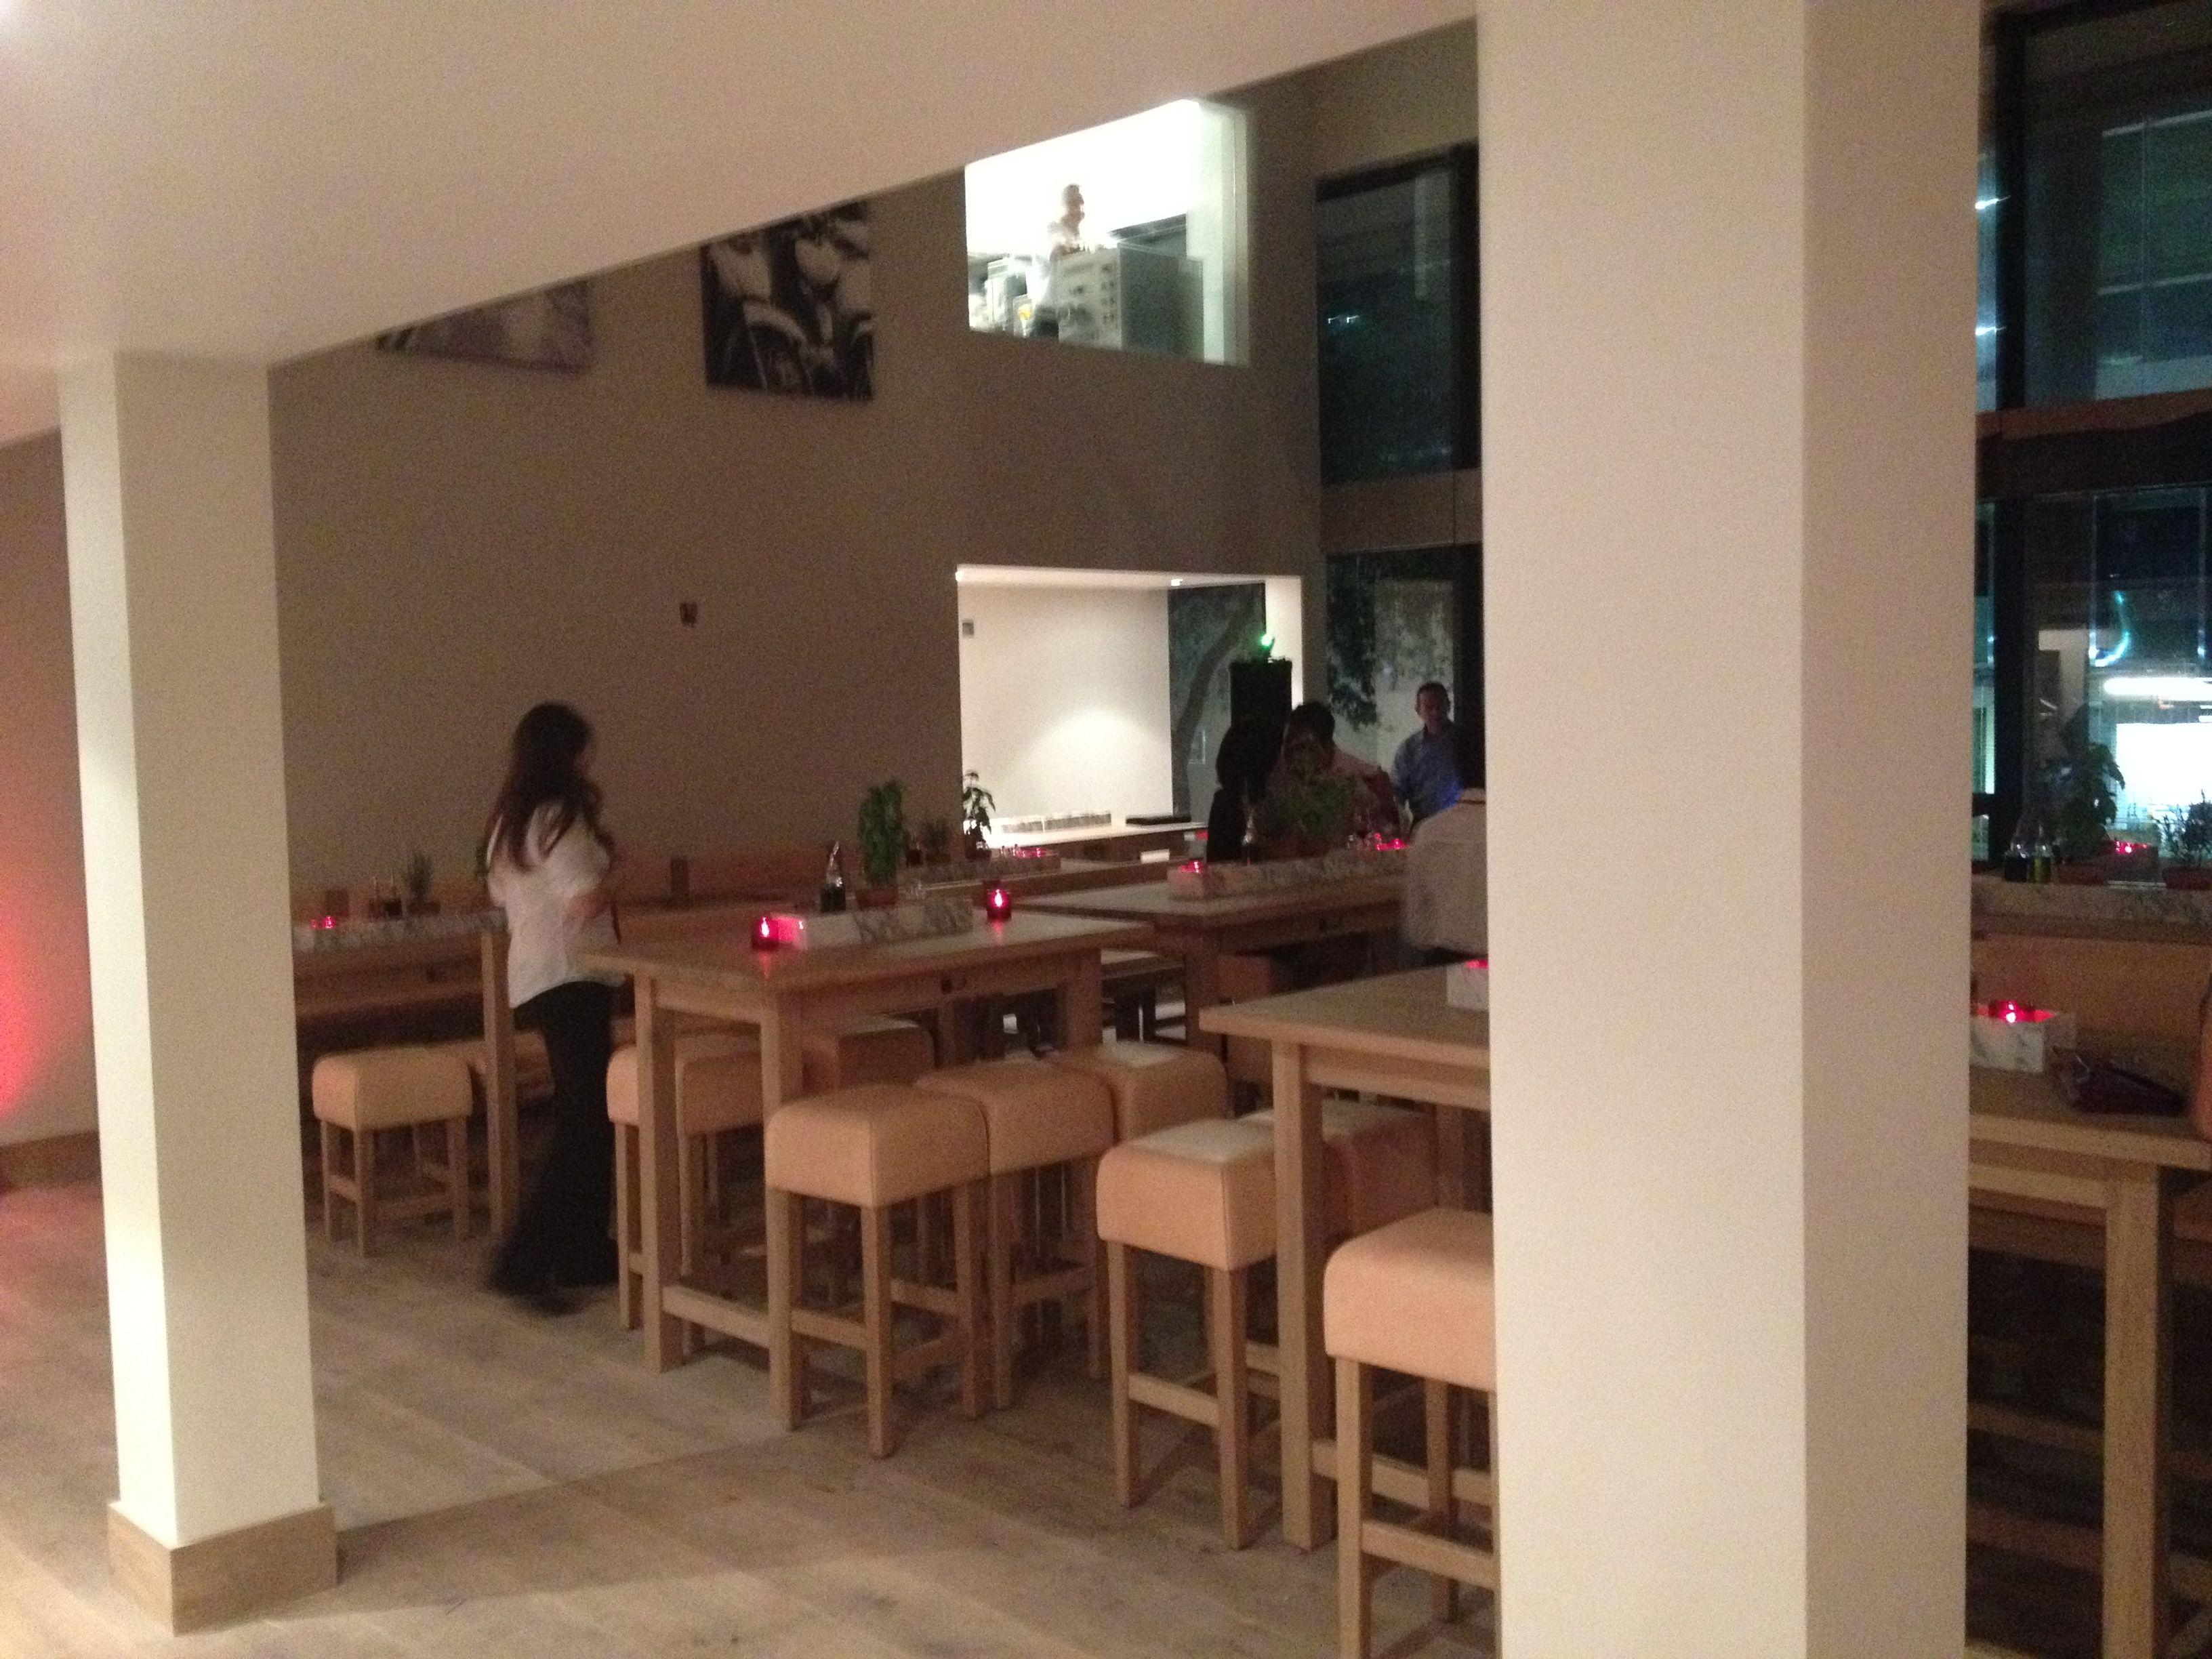 Miami, FL Interior dining area Restaurant interior